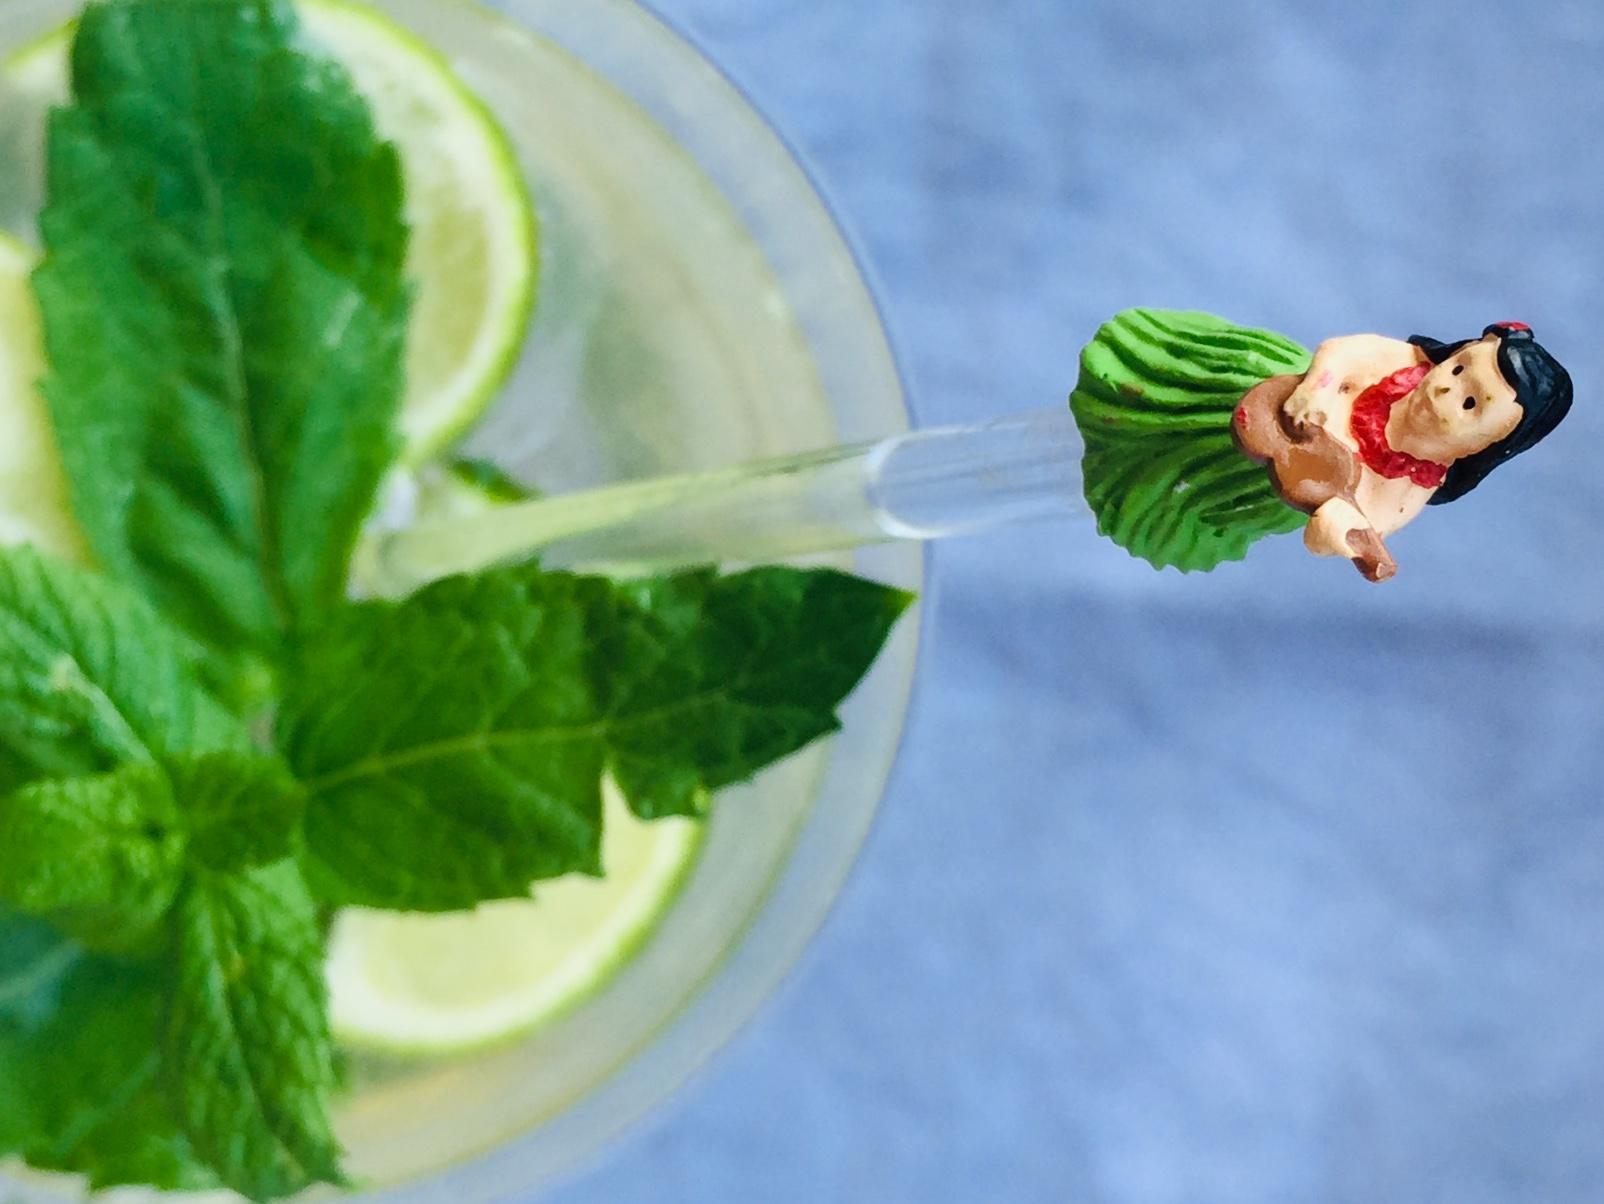 Cocktails & eingelegter Feta für laue Sommerabende - gemeinsame Sache mit Lieblingsbande